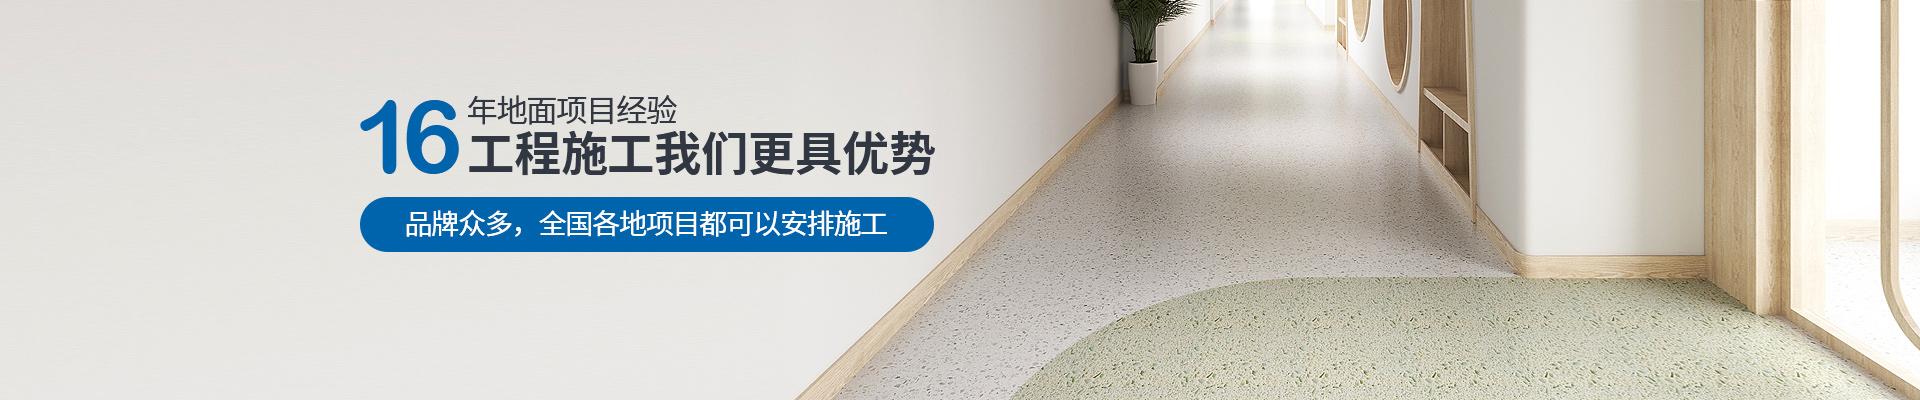 凤城橡塑,16年地面项目经验,工程施工我们更具优势